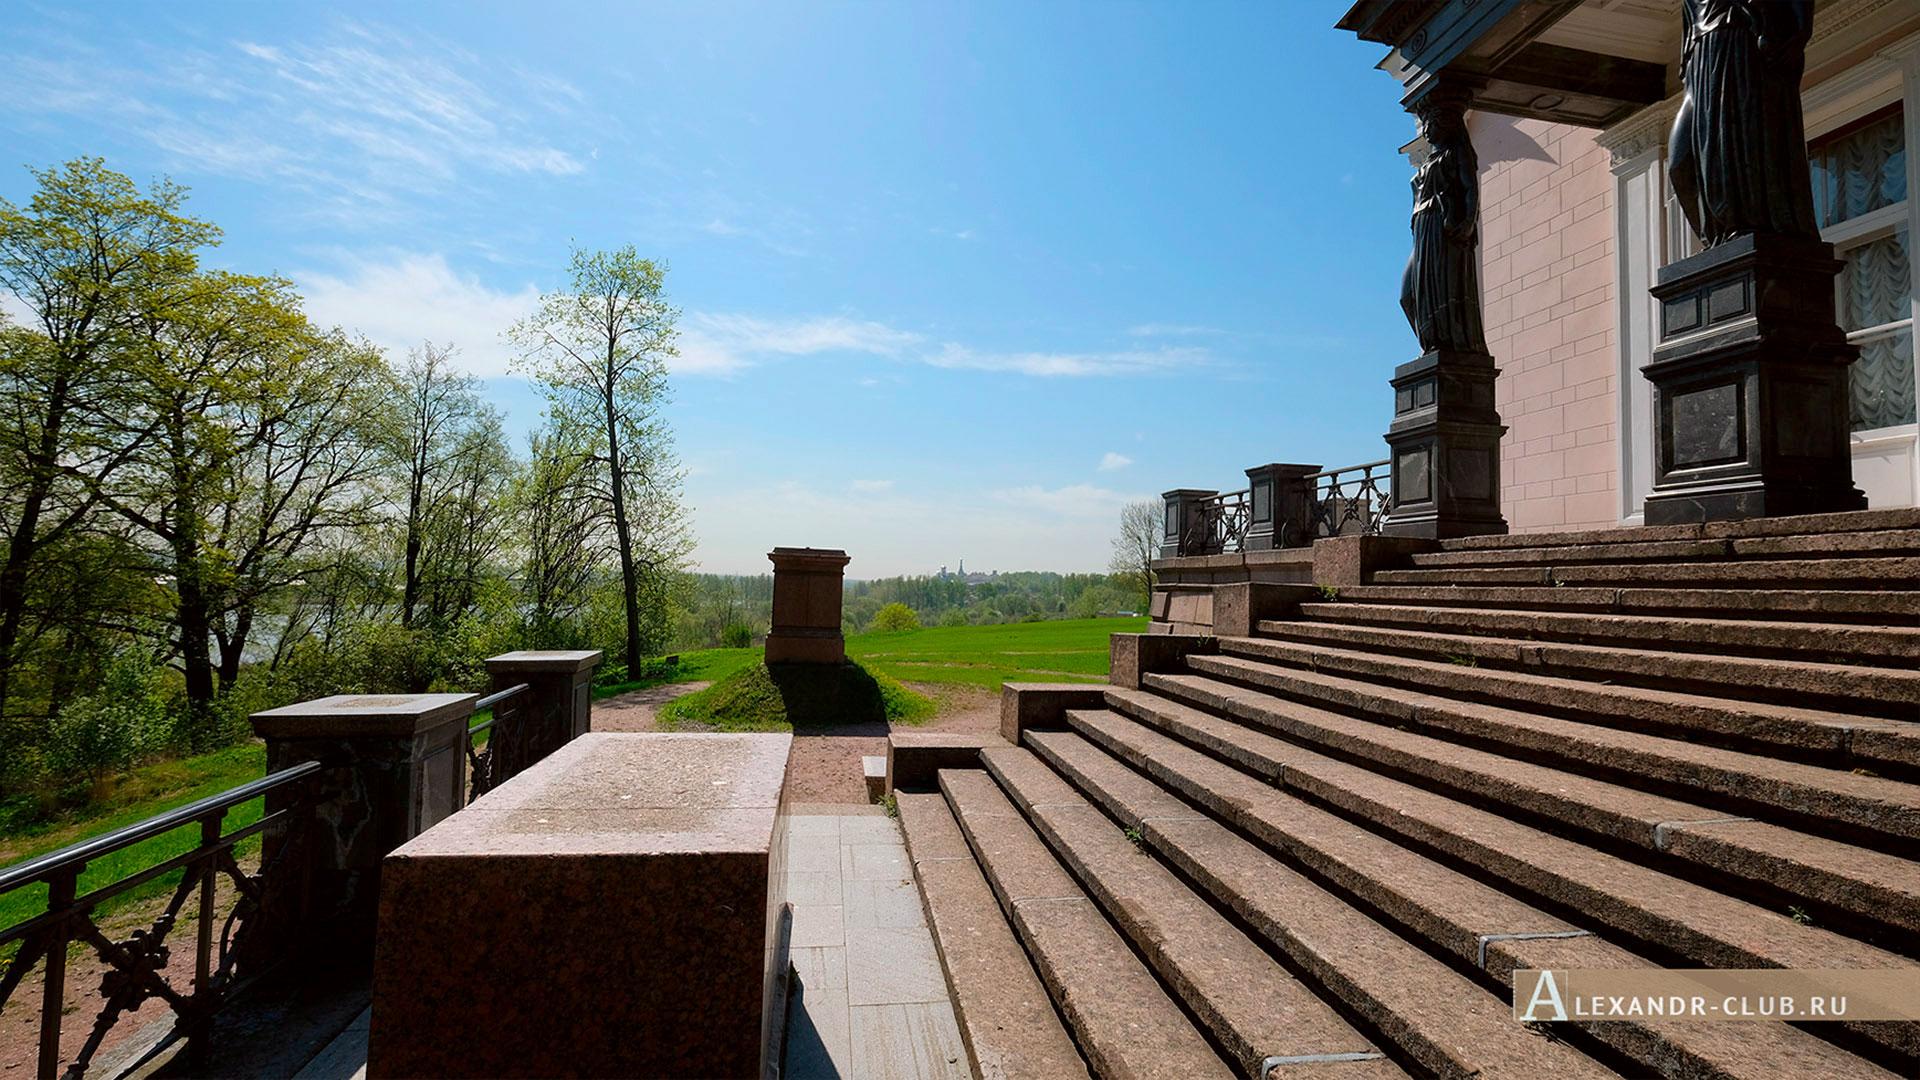 Петергоф, Луговой парк, весна, дворец Бельведер – 5